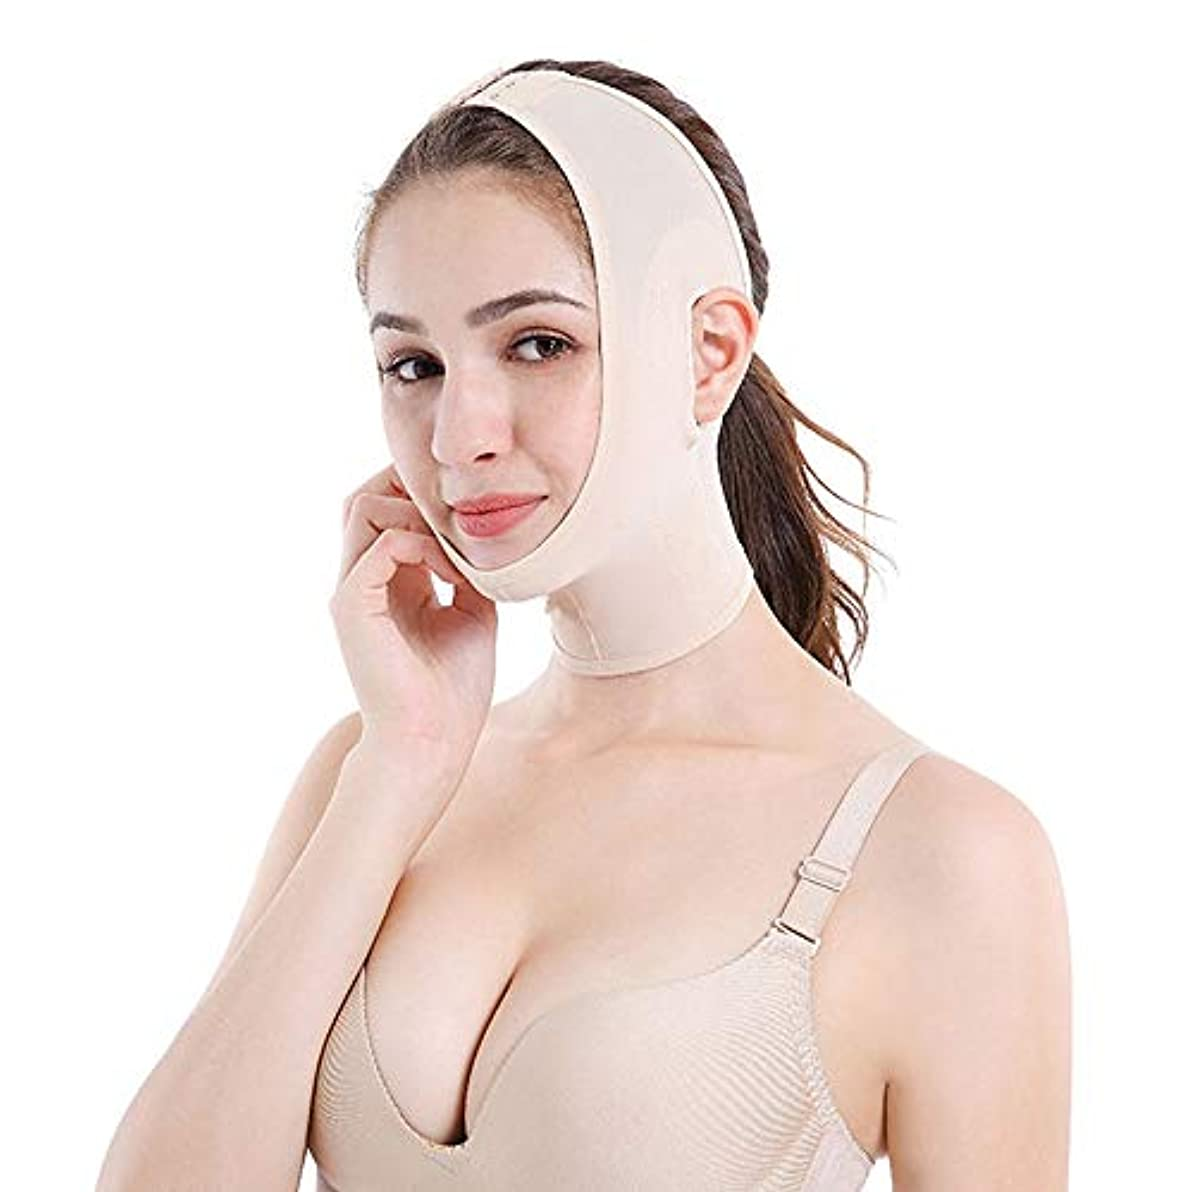 規制するスマイルアーチJia Jia- 薄い顔のアーティファクトV顔のタイトな持ち上がる顔薄い顔??の包帯小さなV顔のマスク小さな顔の引き締め 顔面包帯 (サイズ さいず : L l)